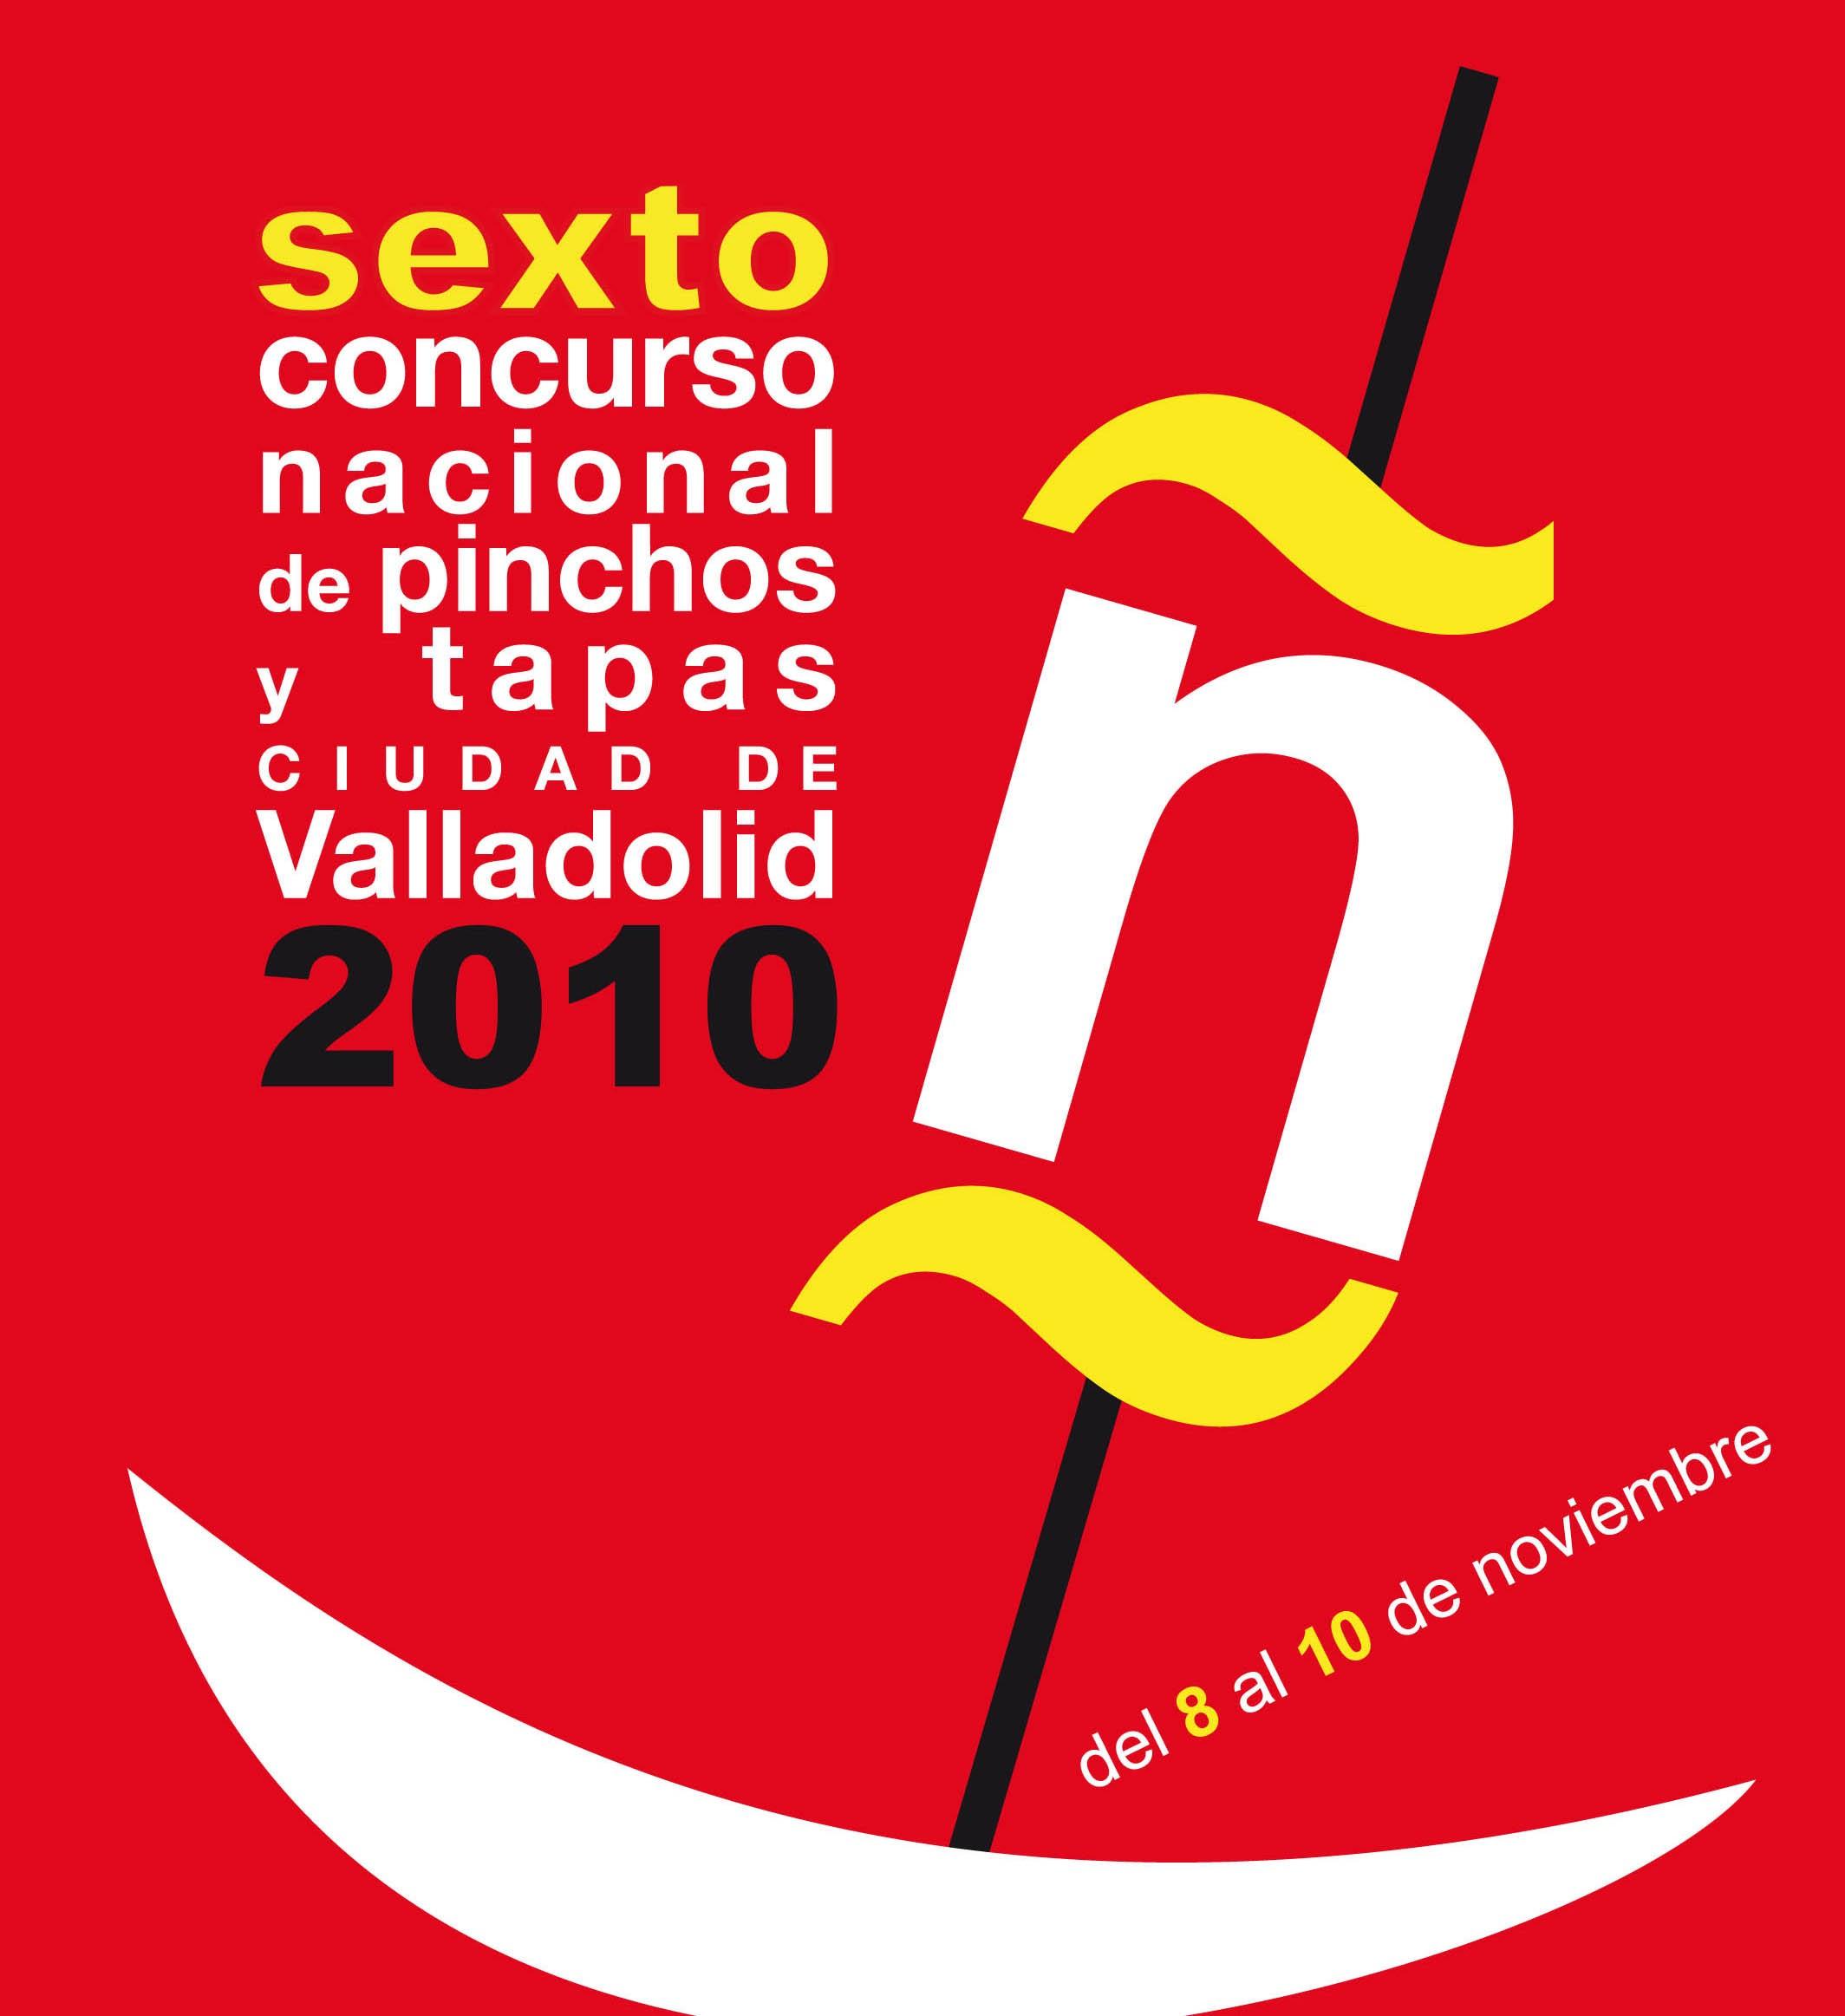 Las Once Y Cuarto Concurso Nacional De Pinchos Ciudad De Valladolid